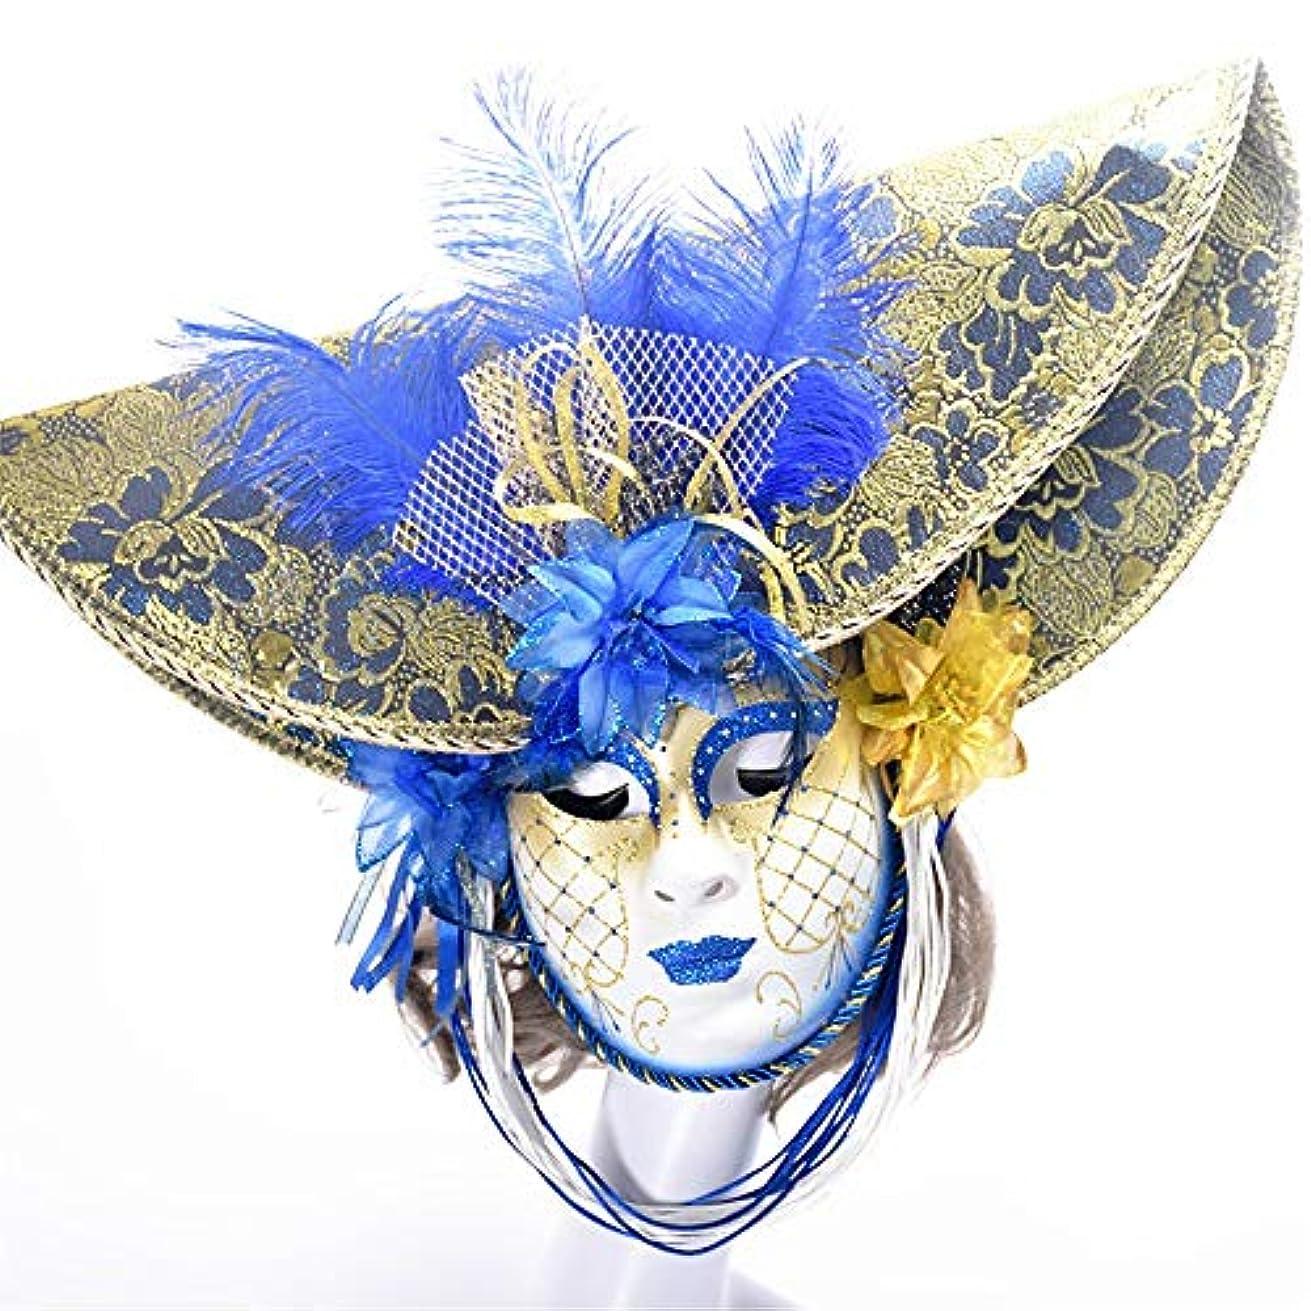 斧アラバマ悪性のダンスマスク 手描きフルフェイスマスク大人仮装パーティーブルーフェイスナイトクラブパーティーフェスティバルロールプレイングプラスチックマスク ホリデーパーティー用品 (色 : 青, サイズ : 55x35cm)